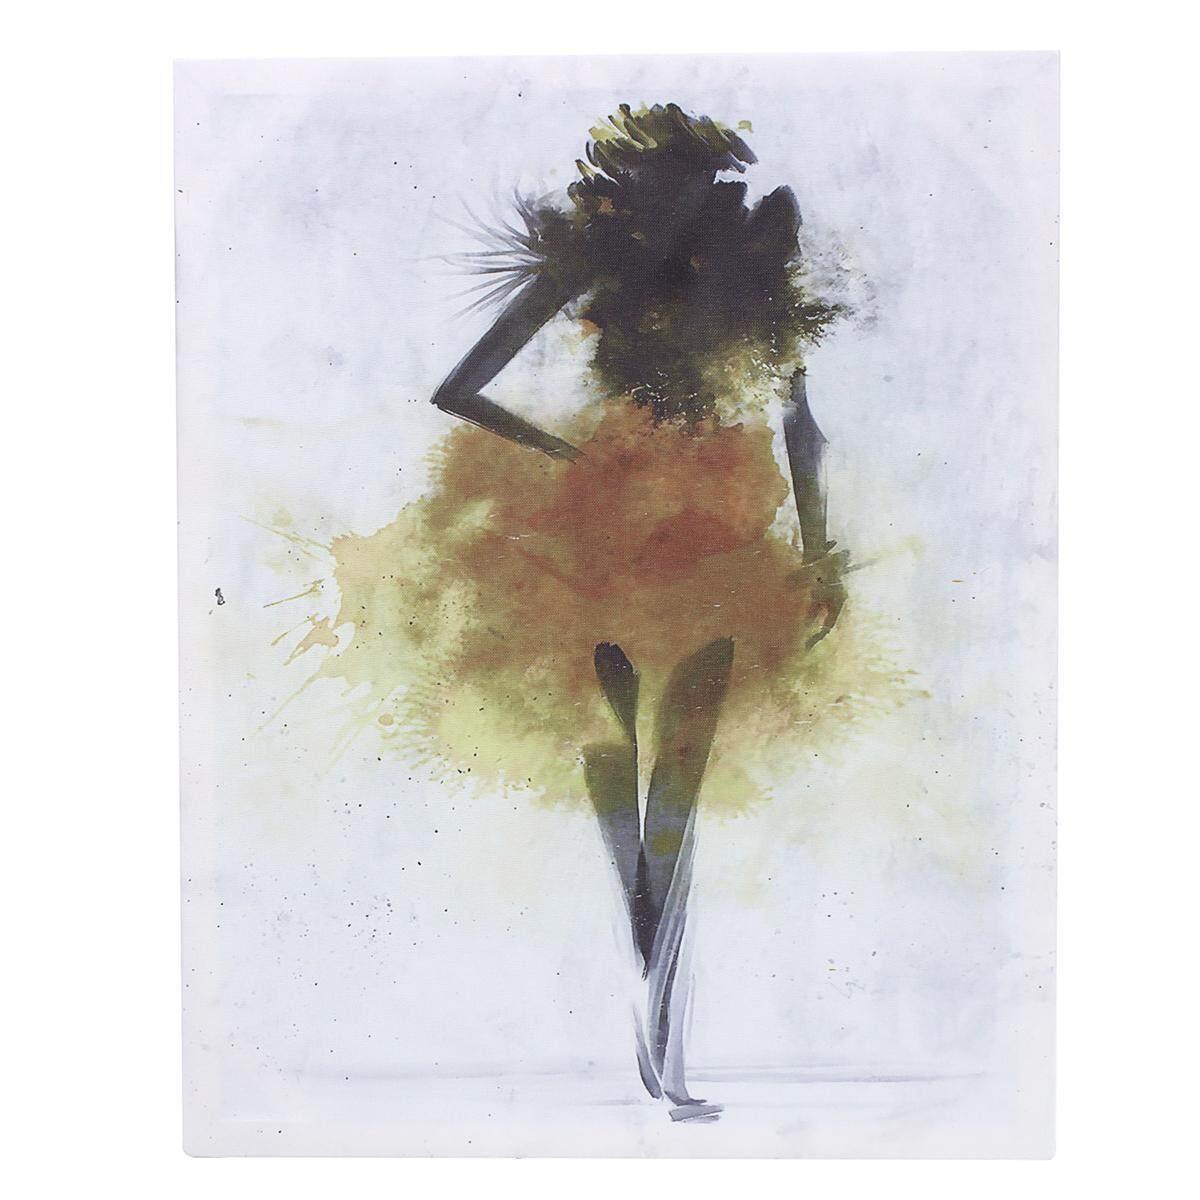 Thời trang Bé Gái Tối Giản Nghệ Thuật Trừu Tượng Vải Poster Tranh Trang Trí Hiện Đại FA005 # Unframed 30*40 cm